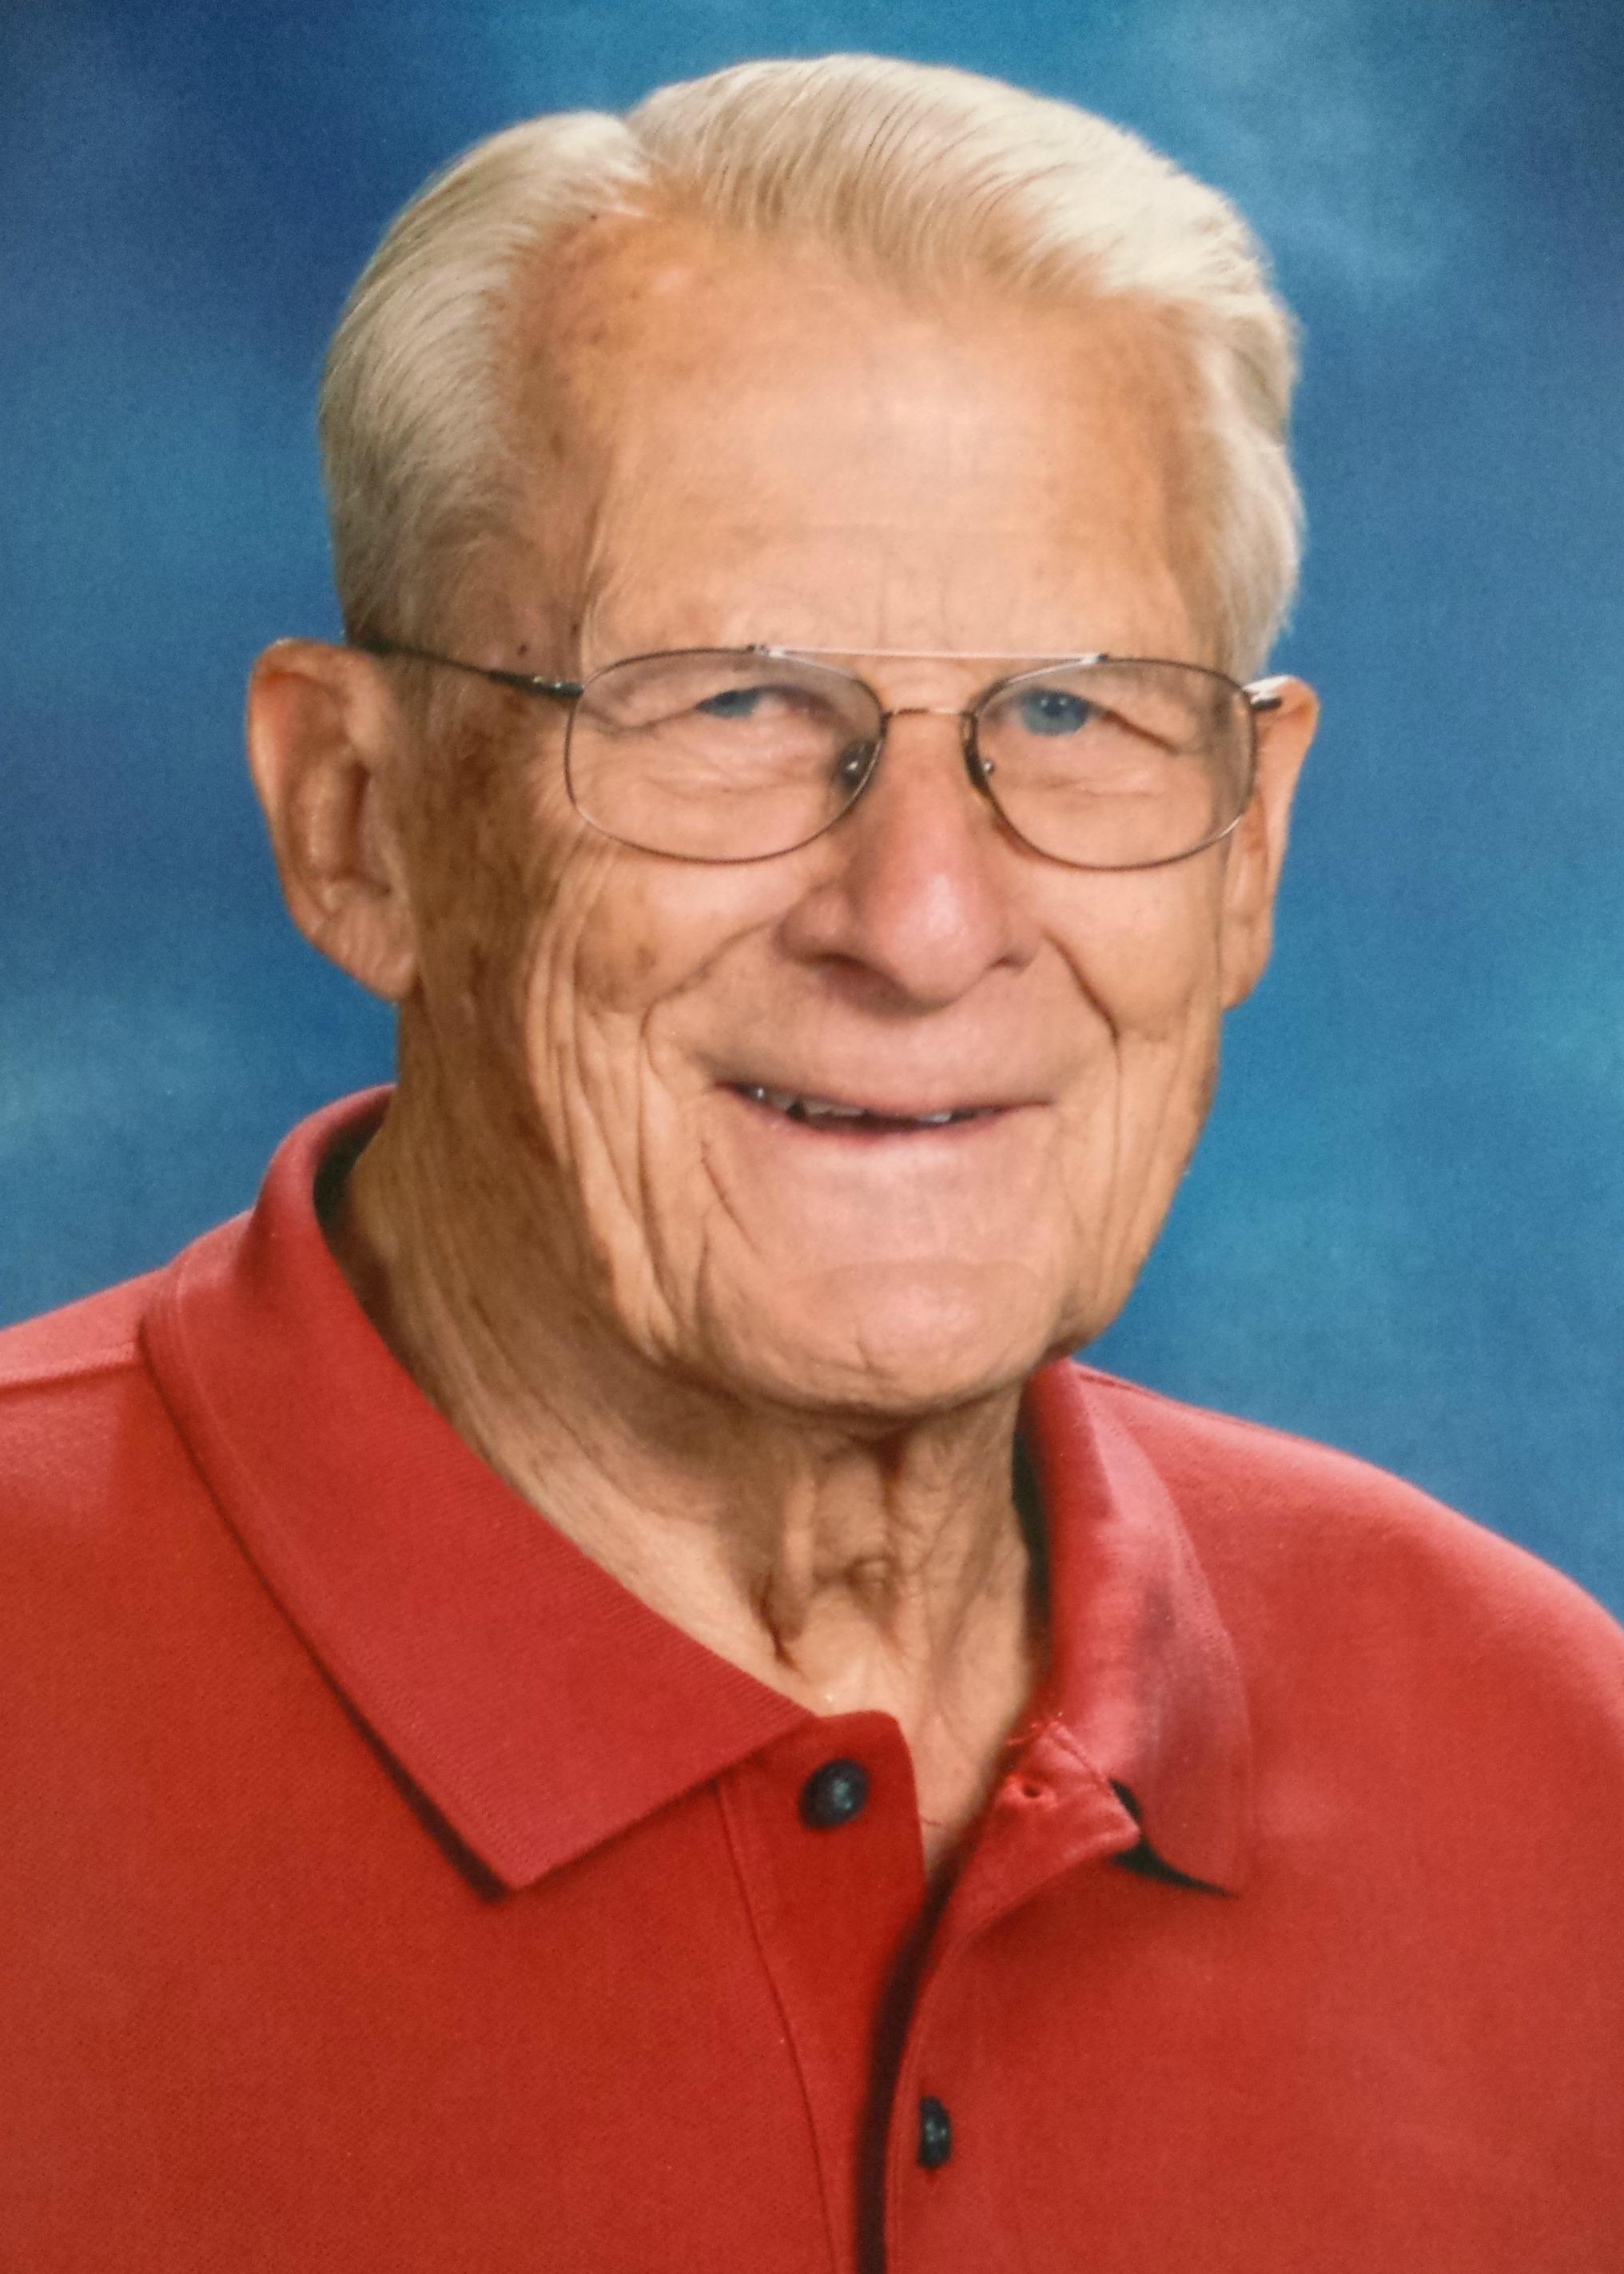 Donald L. Elwood